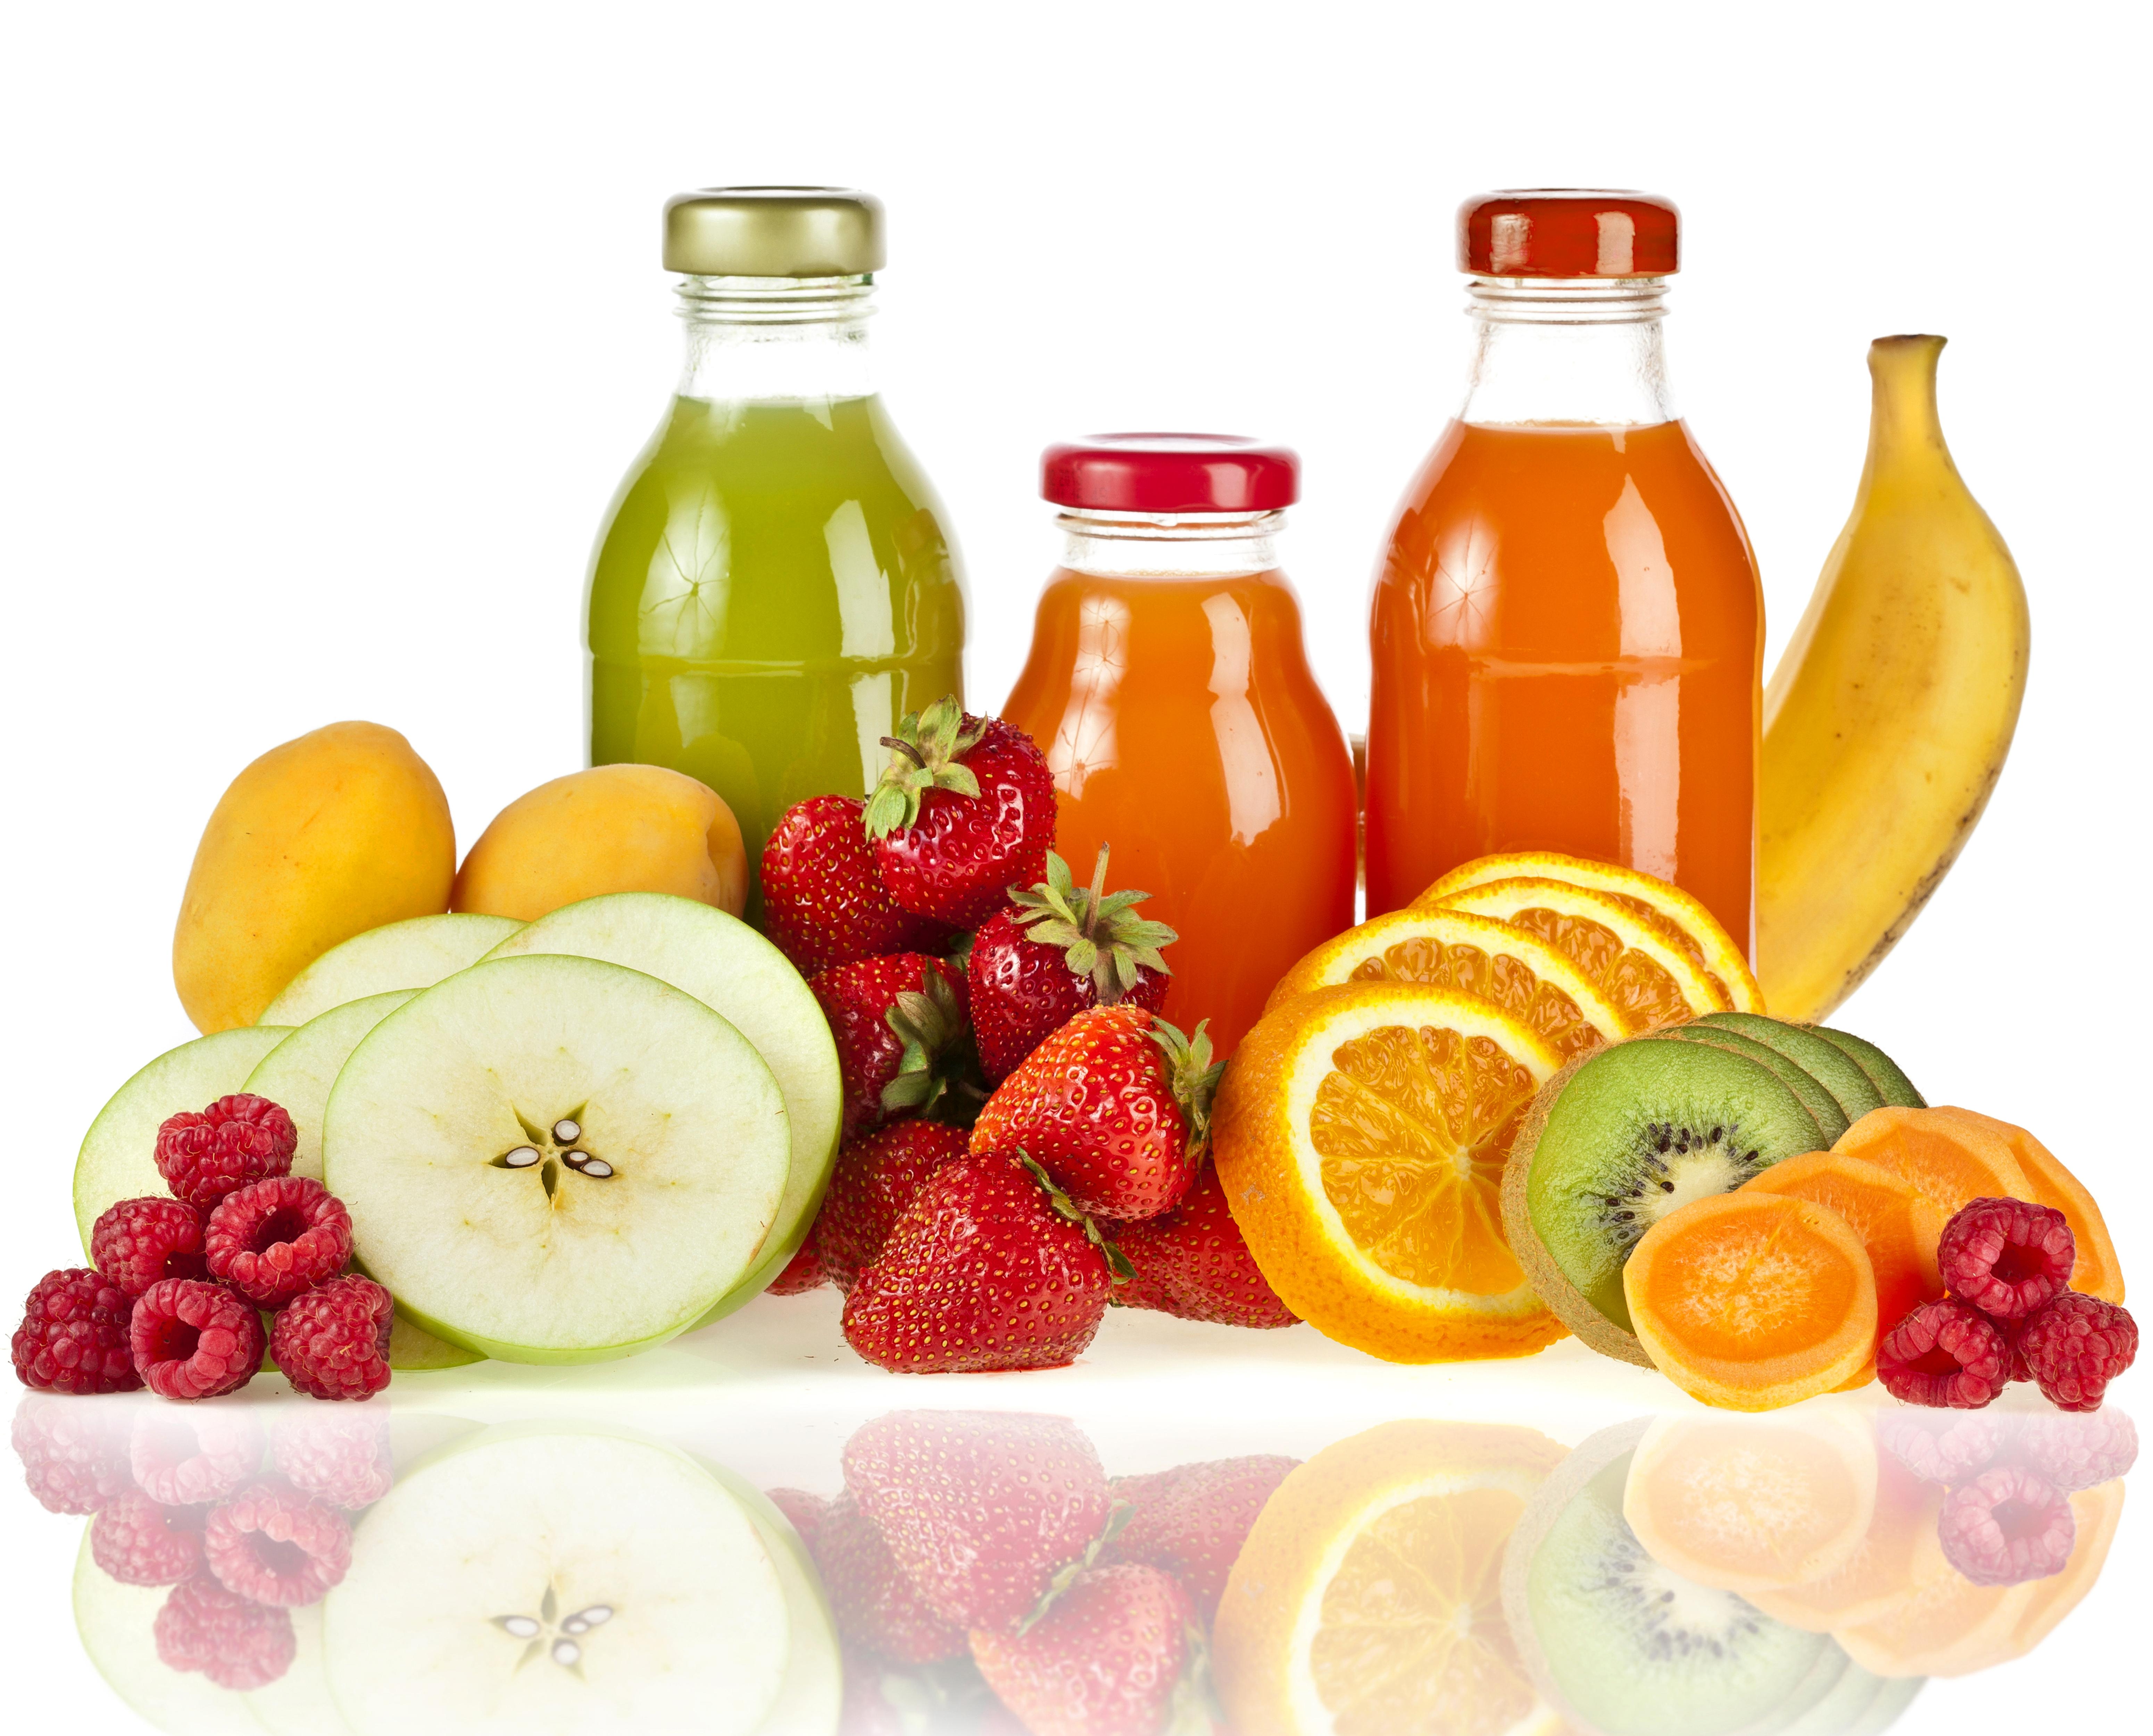 Как приготовить сок в домашних условиях? Агропромышленный 66